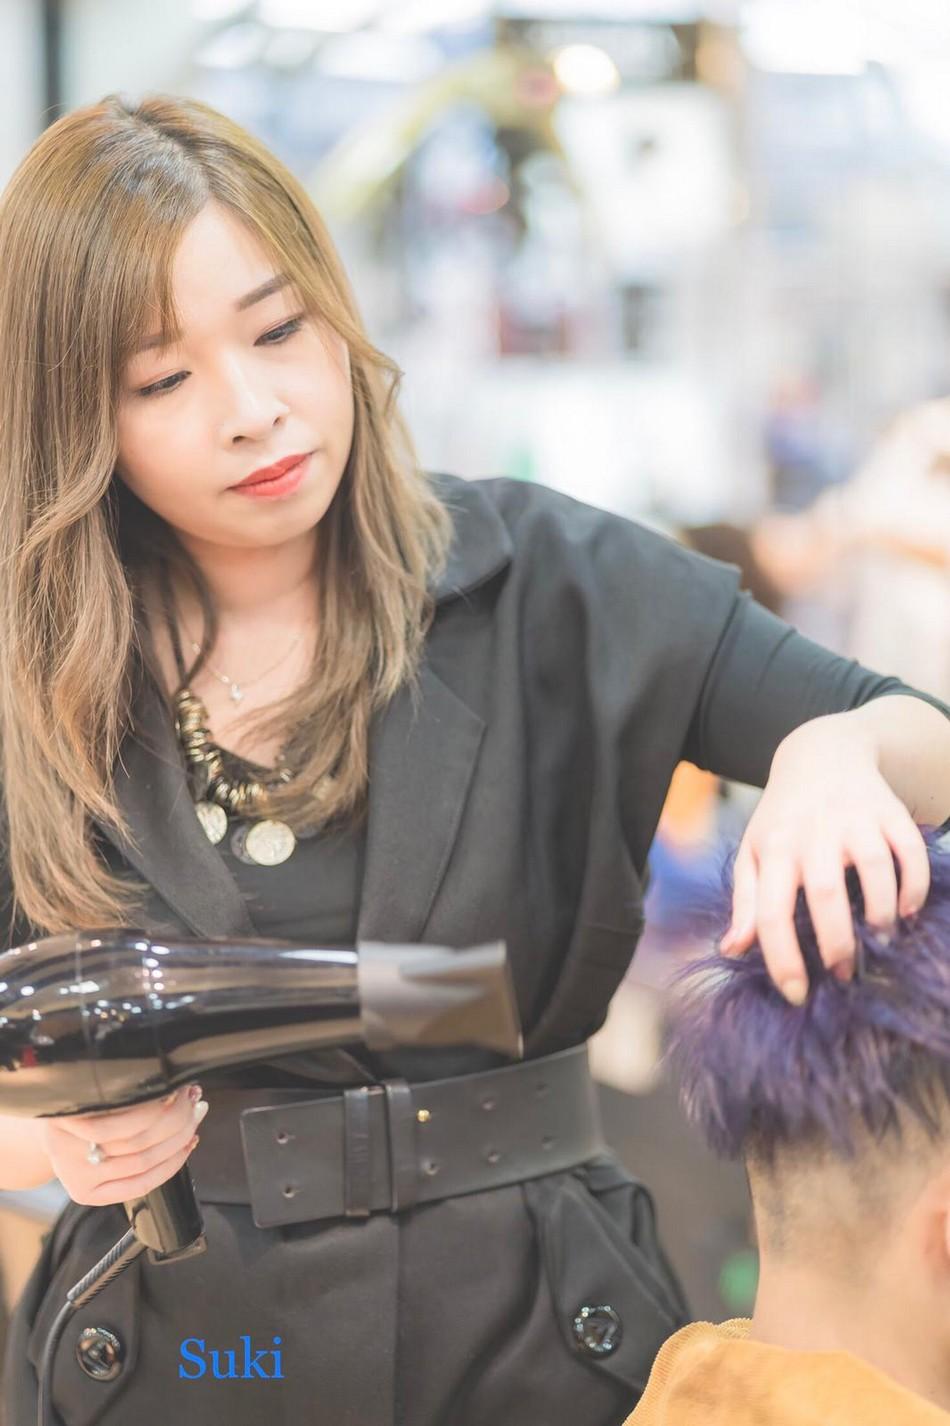 http://www.magic-hairsalon.com/files/2018Suki.jpeg